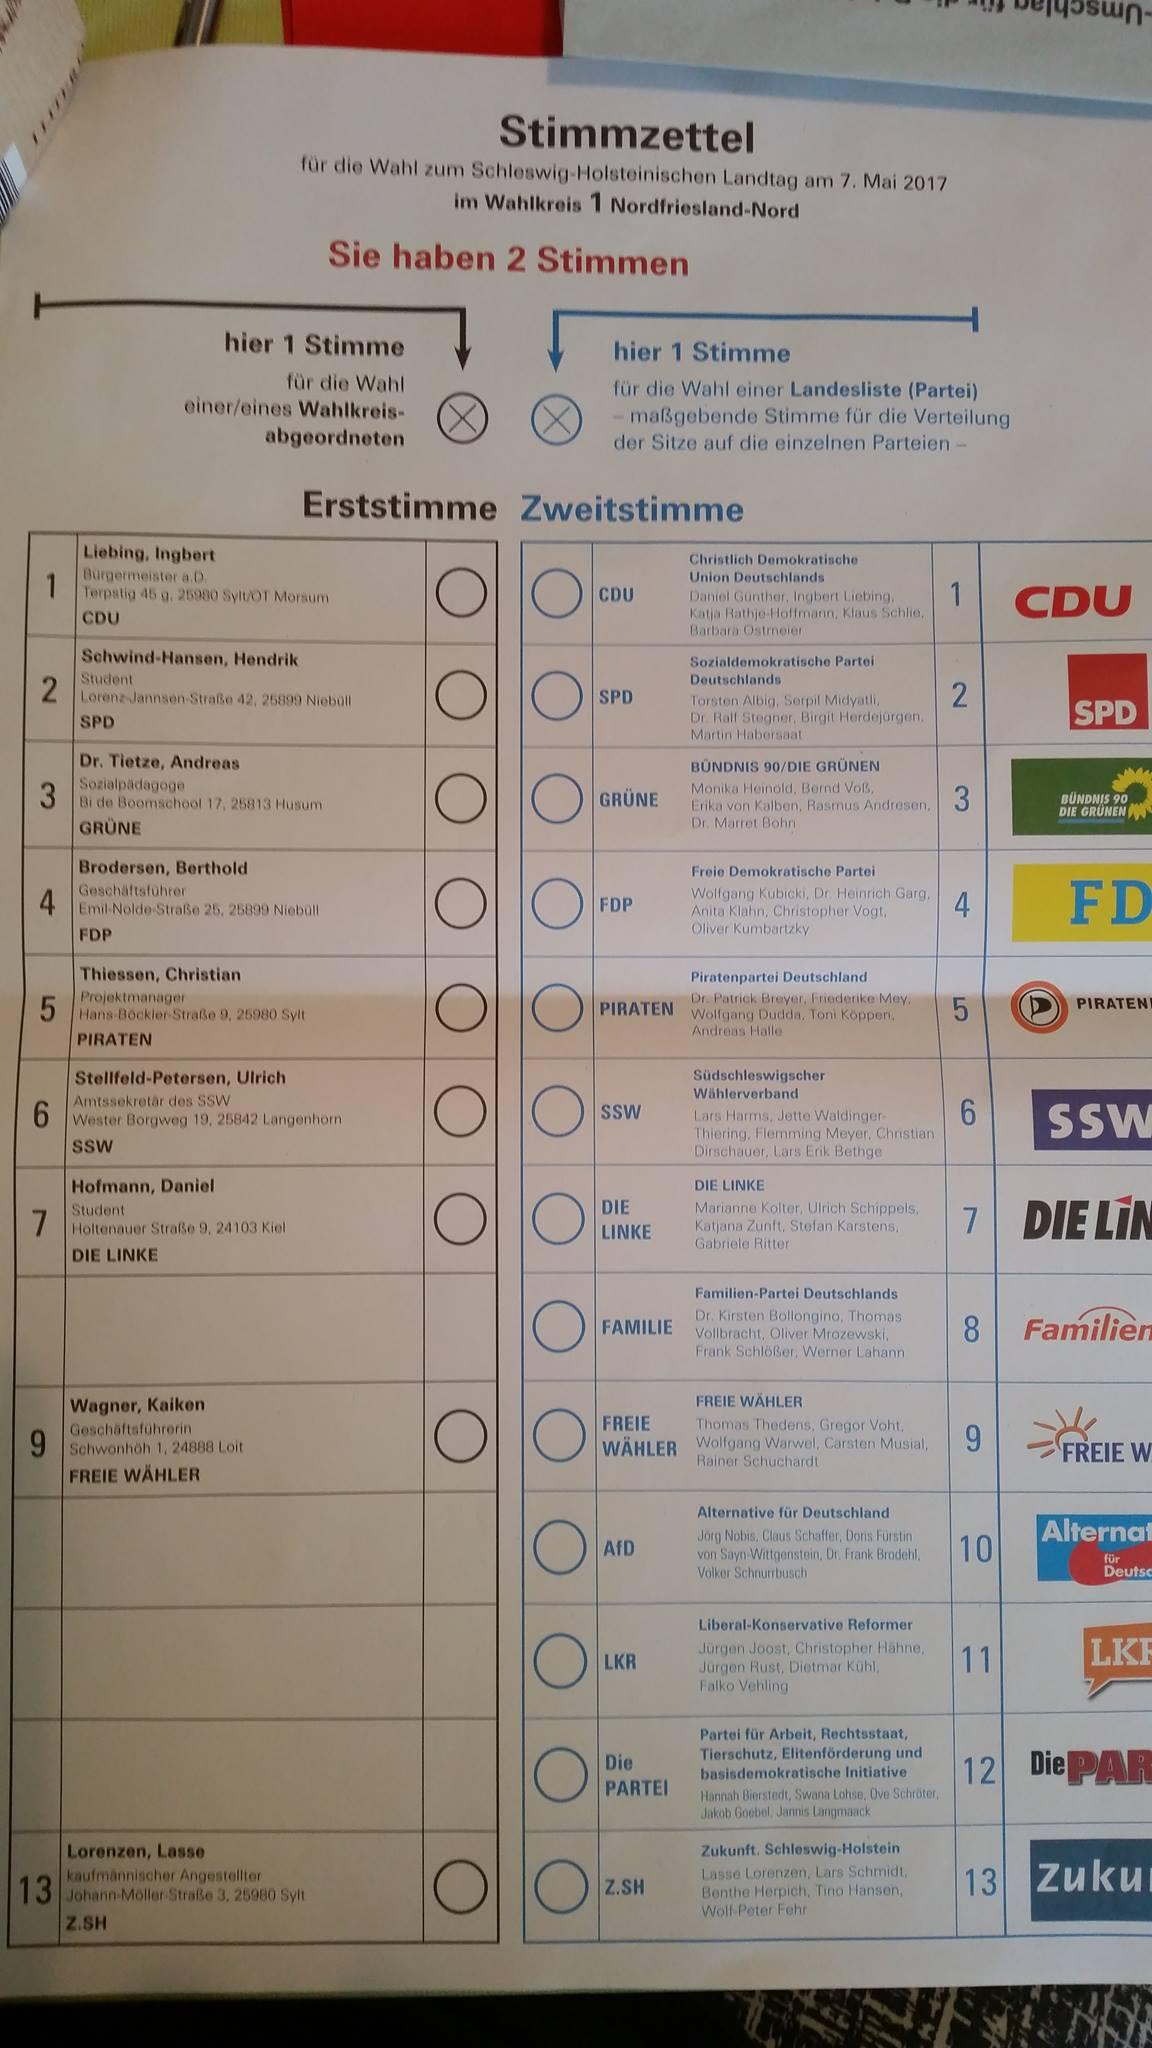 wahlkreise hessen bundestagswahl 2017